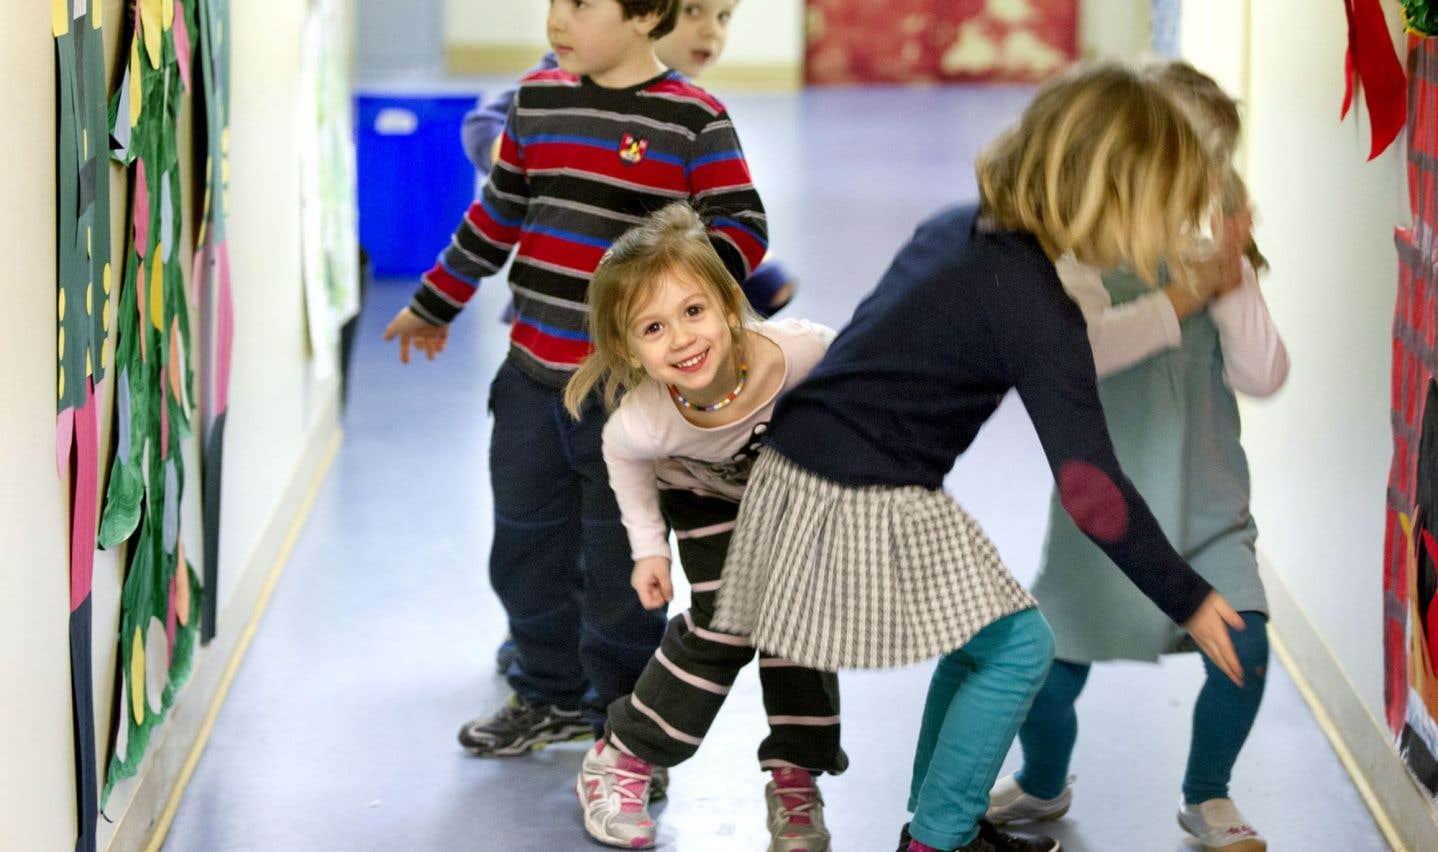 Les services d'éducation préscolaire permettent aux enfants en milieux défavorisés de mieux rattraper les enfants de milieux plus aisés dans leurs capacités d'apprentissage au moment d'amorcer leur parcours scolaire.